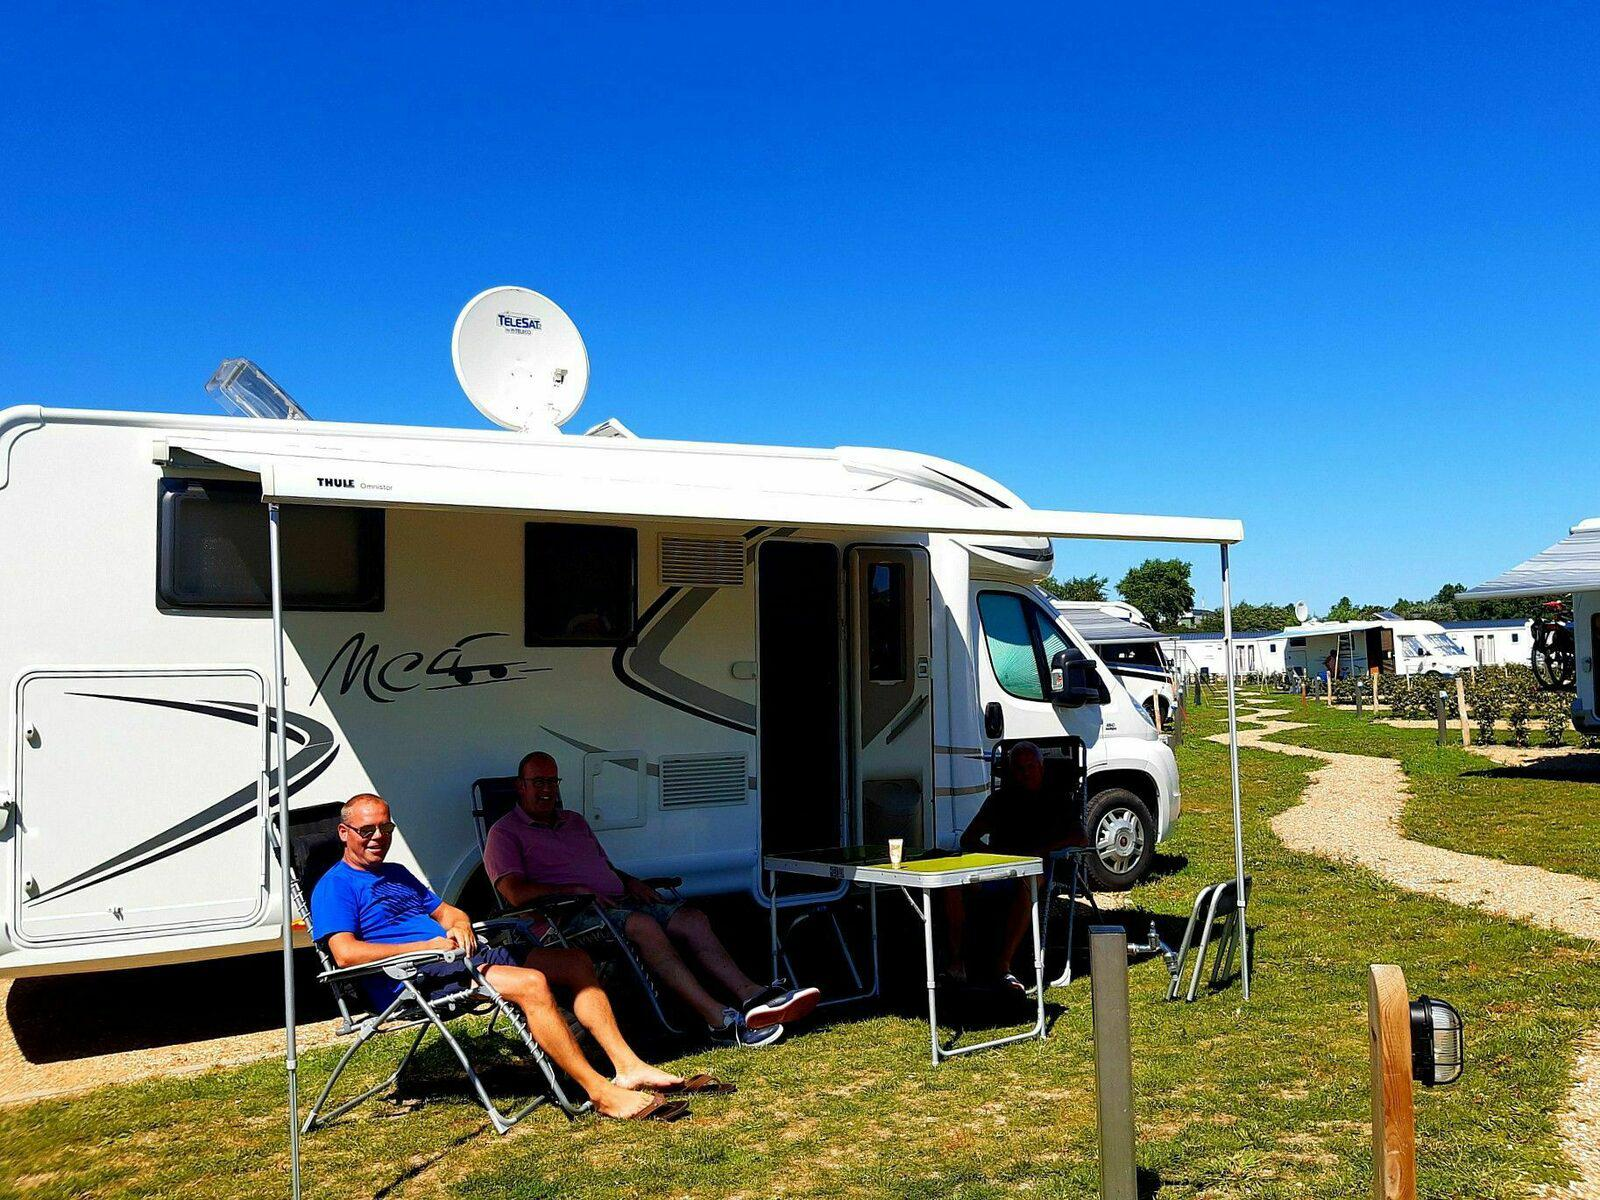 Camperplaats voor 6-personen in West-Vlaanderen | Kompas Camping Westende